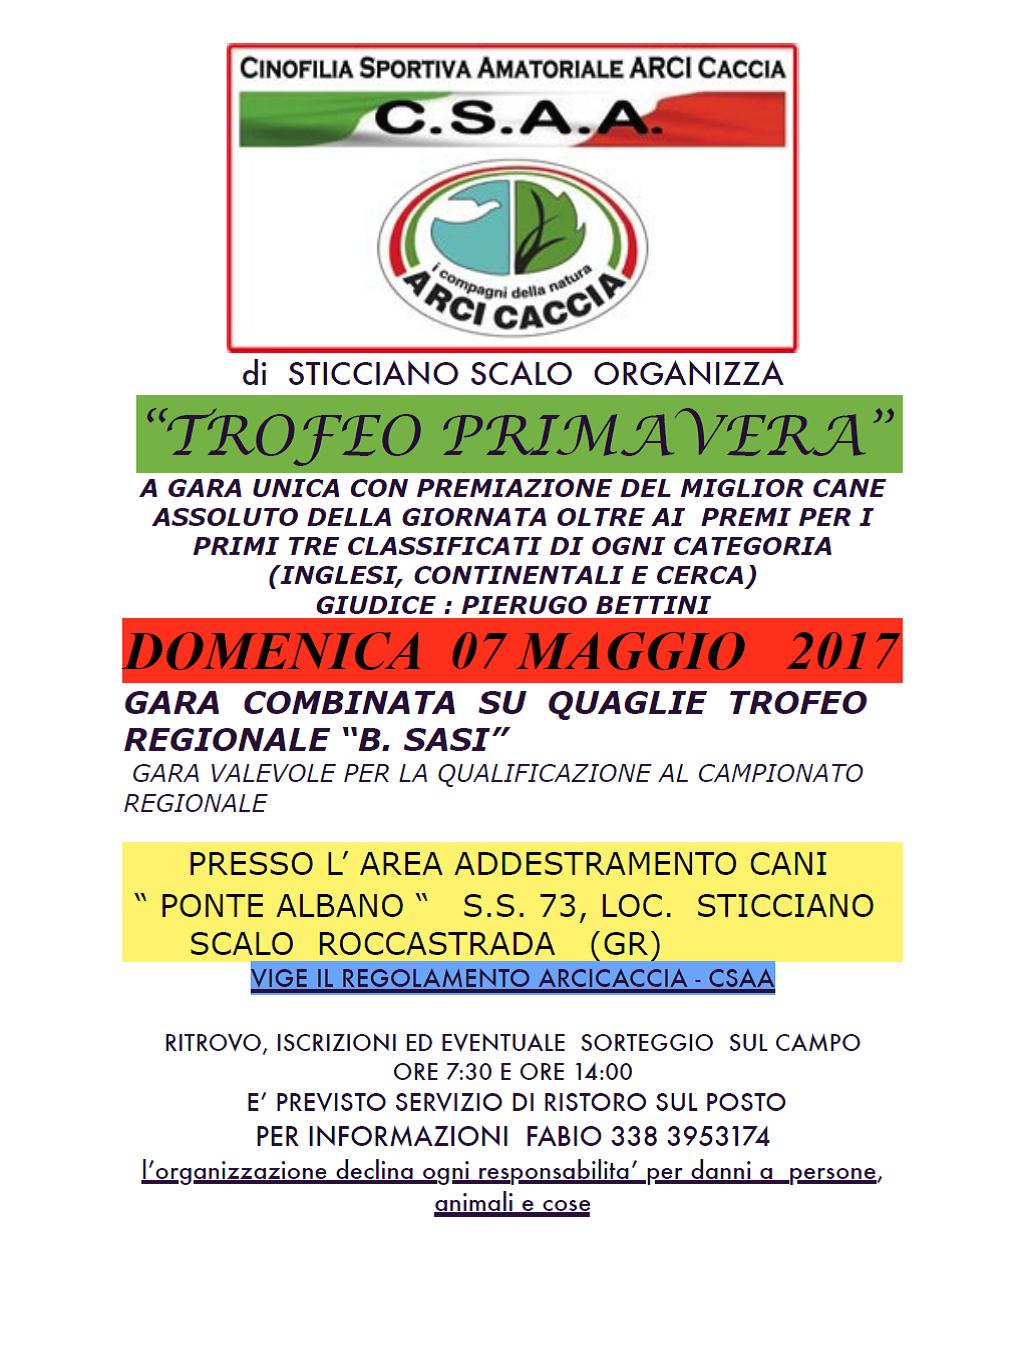 Trofeo Di Primavera A Sticciano